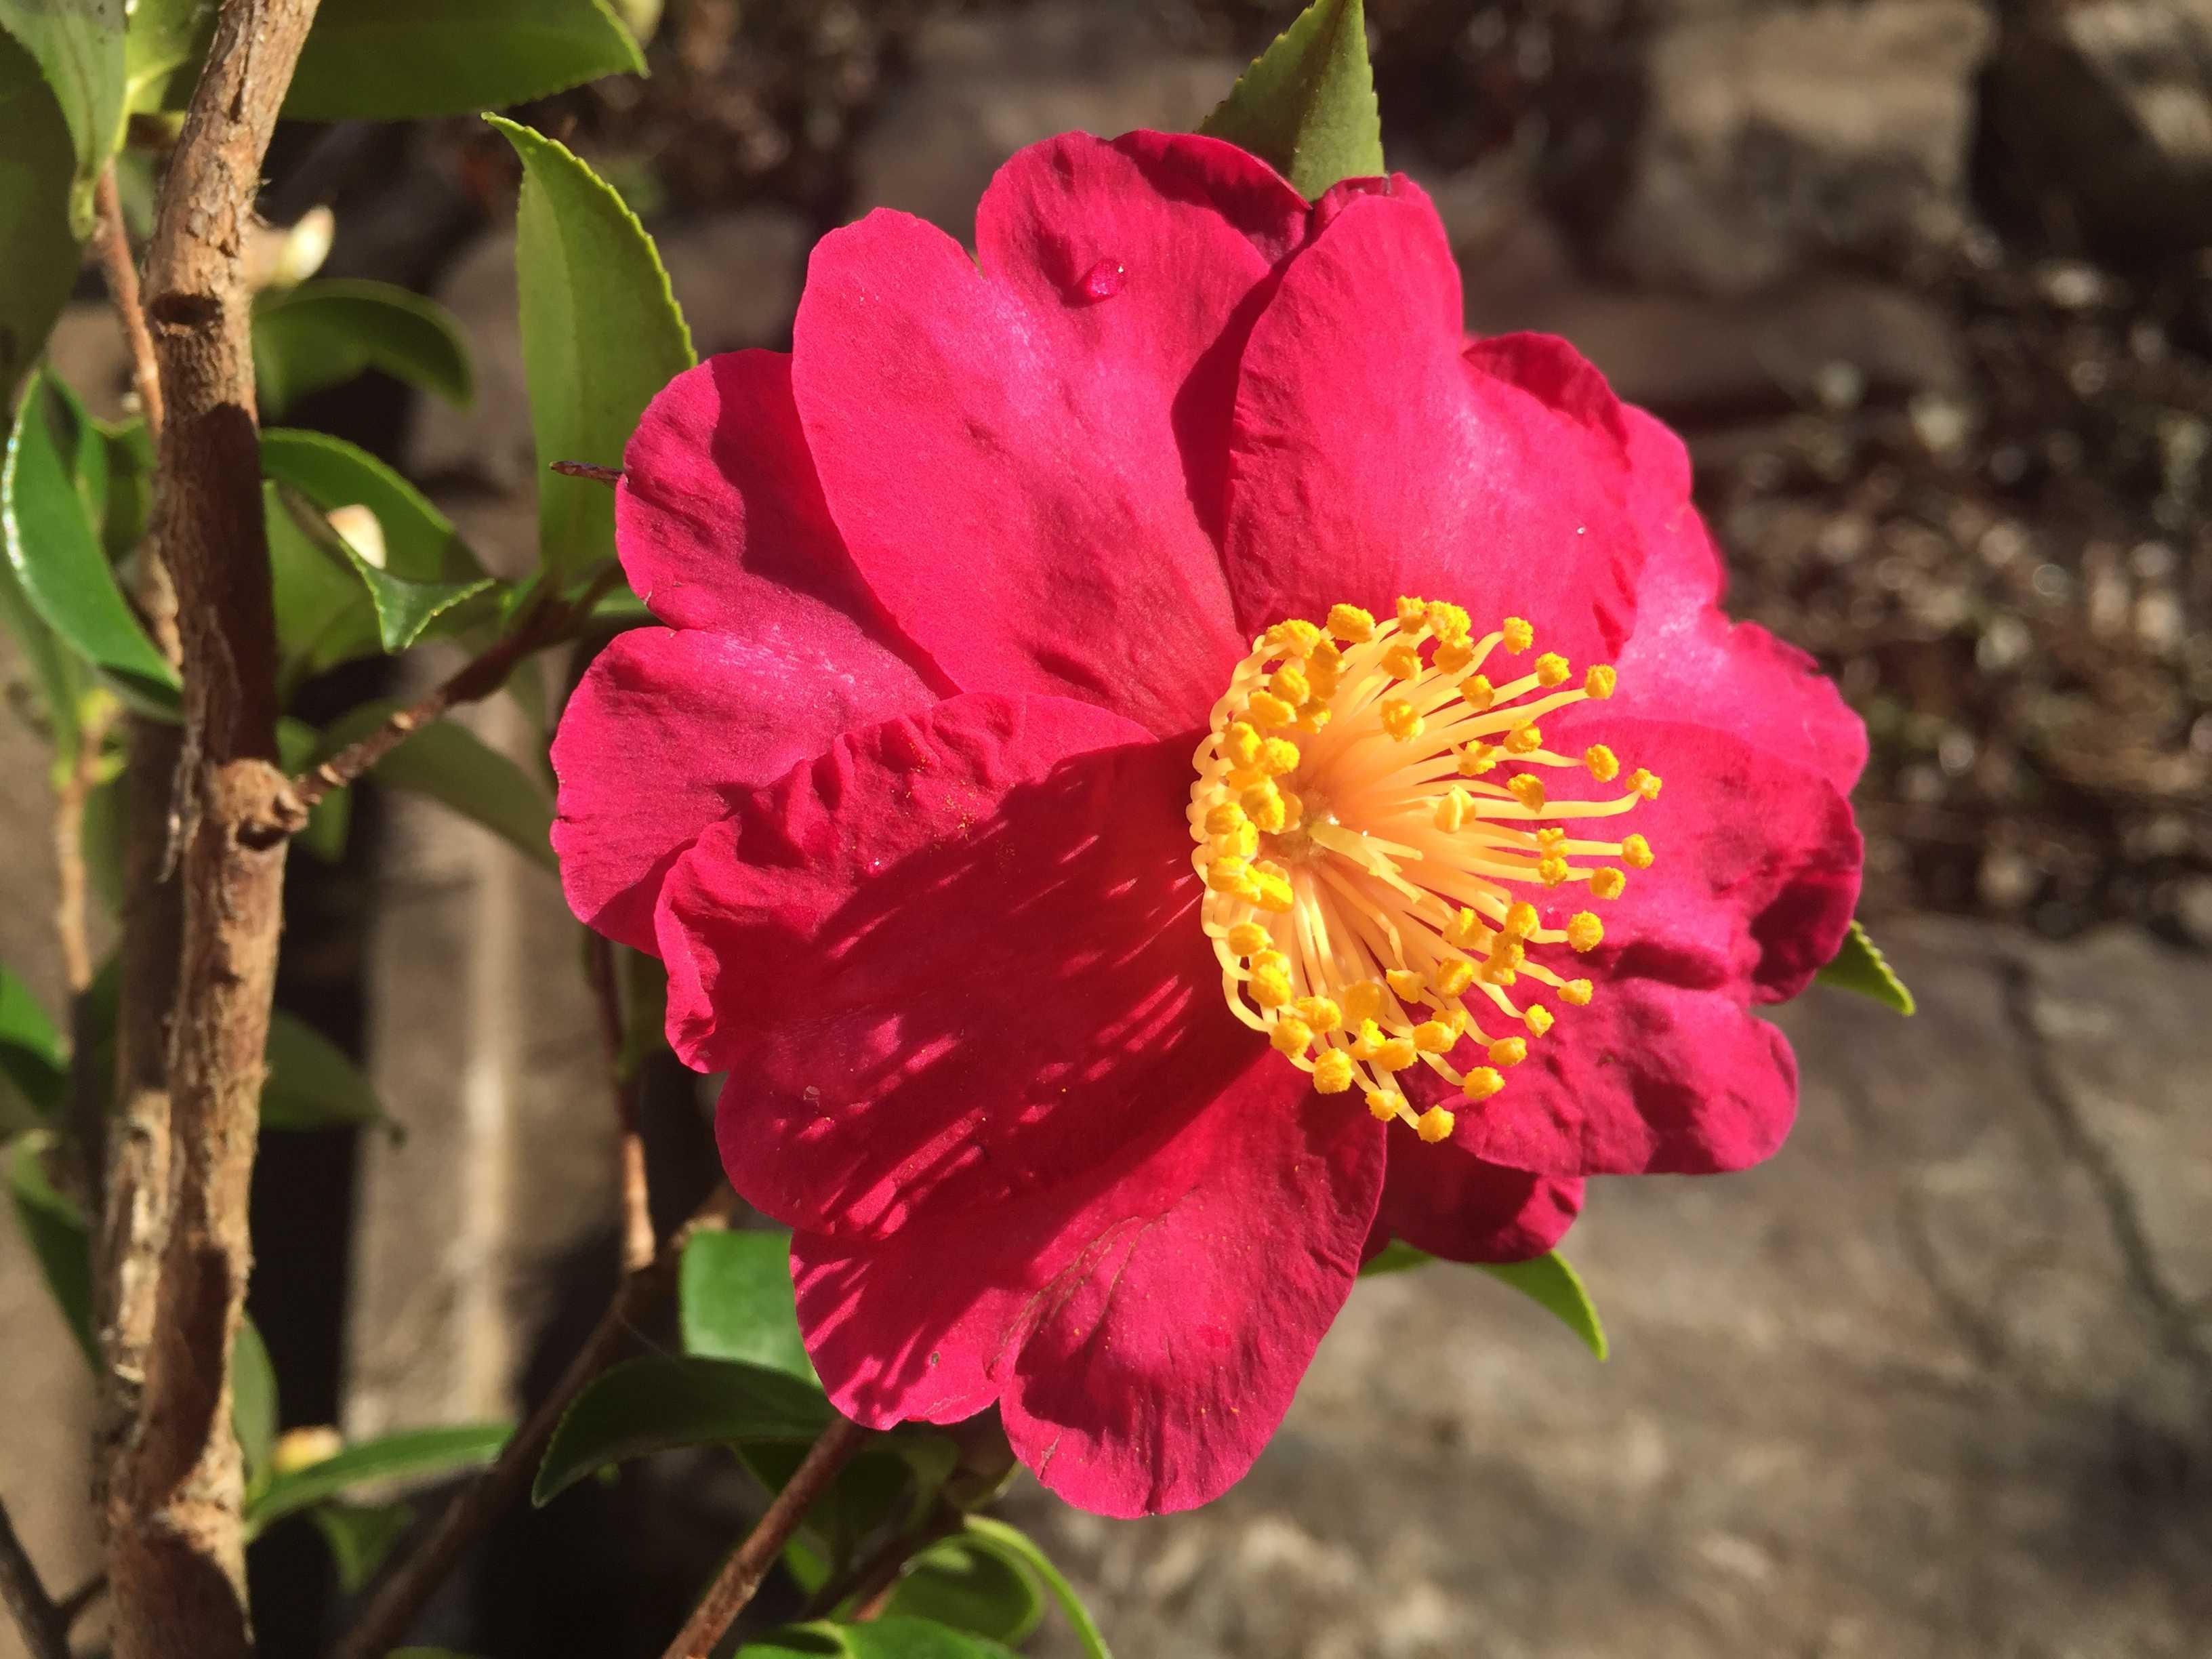 紅色八重咲きのサザンカ - カンツバキ群